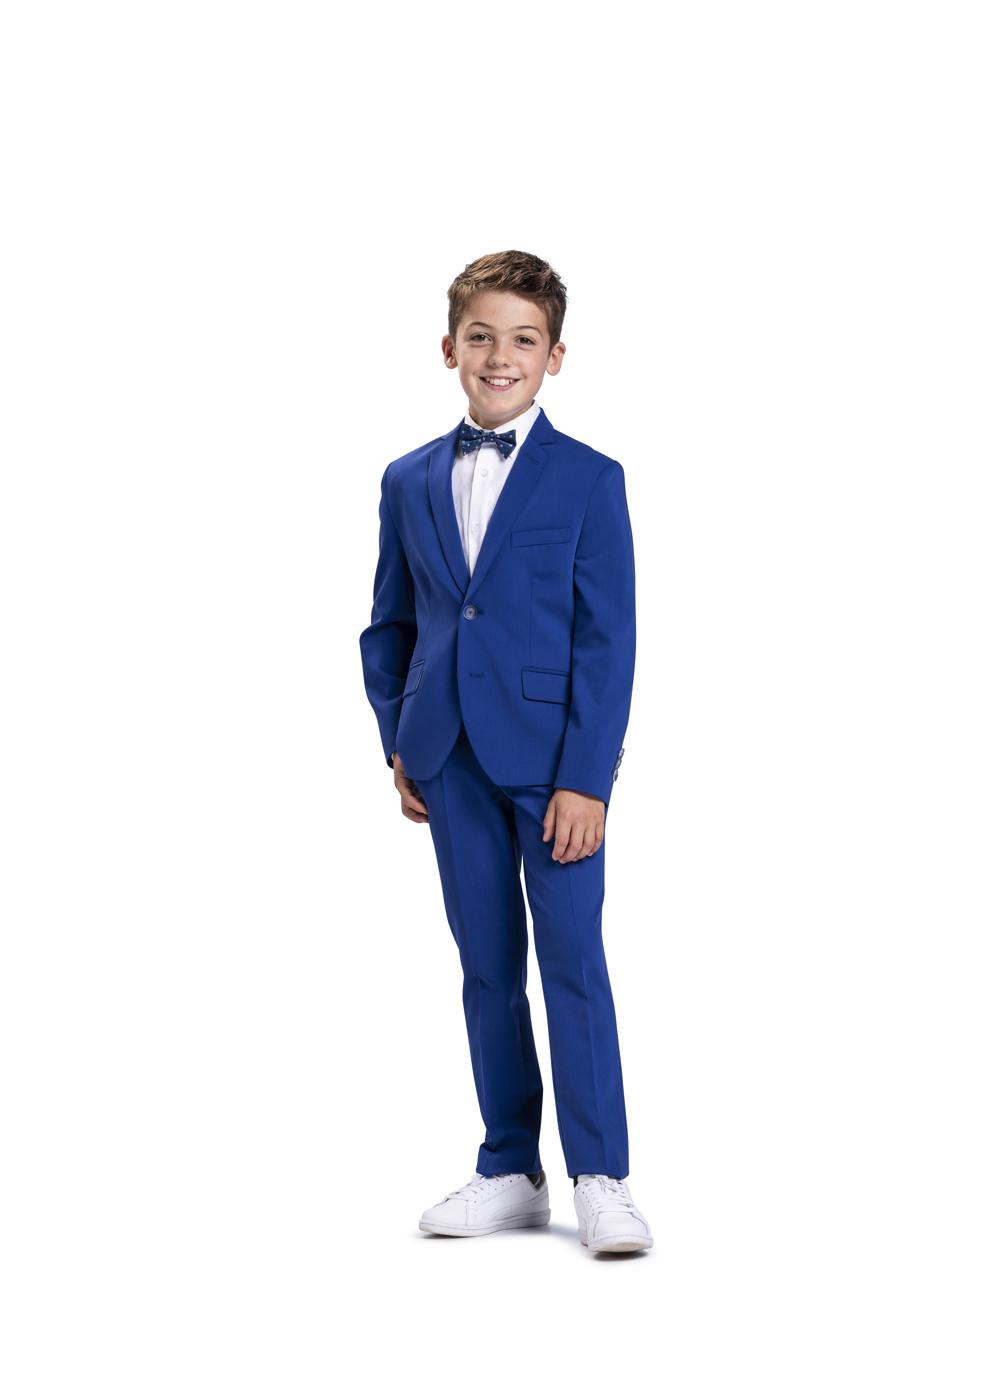 Sportliches Kommunion Outfit für Jungen von Weise Junior - Modell 7517552. Trendiger Anzug in royalblau - hier modisch kombiniert mit Turnschuhen.